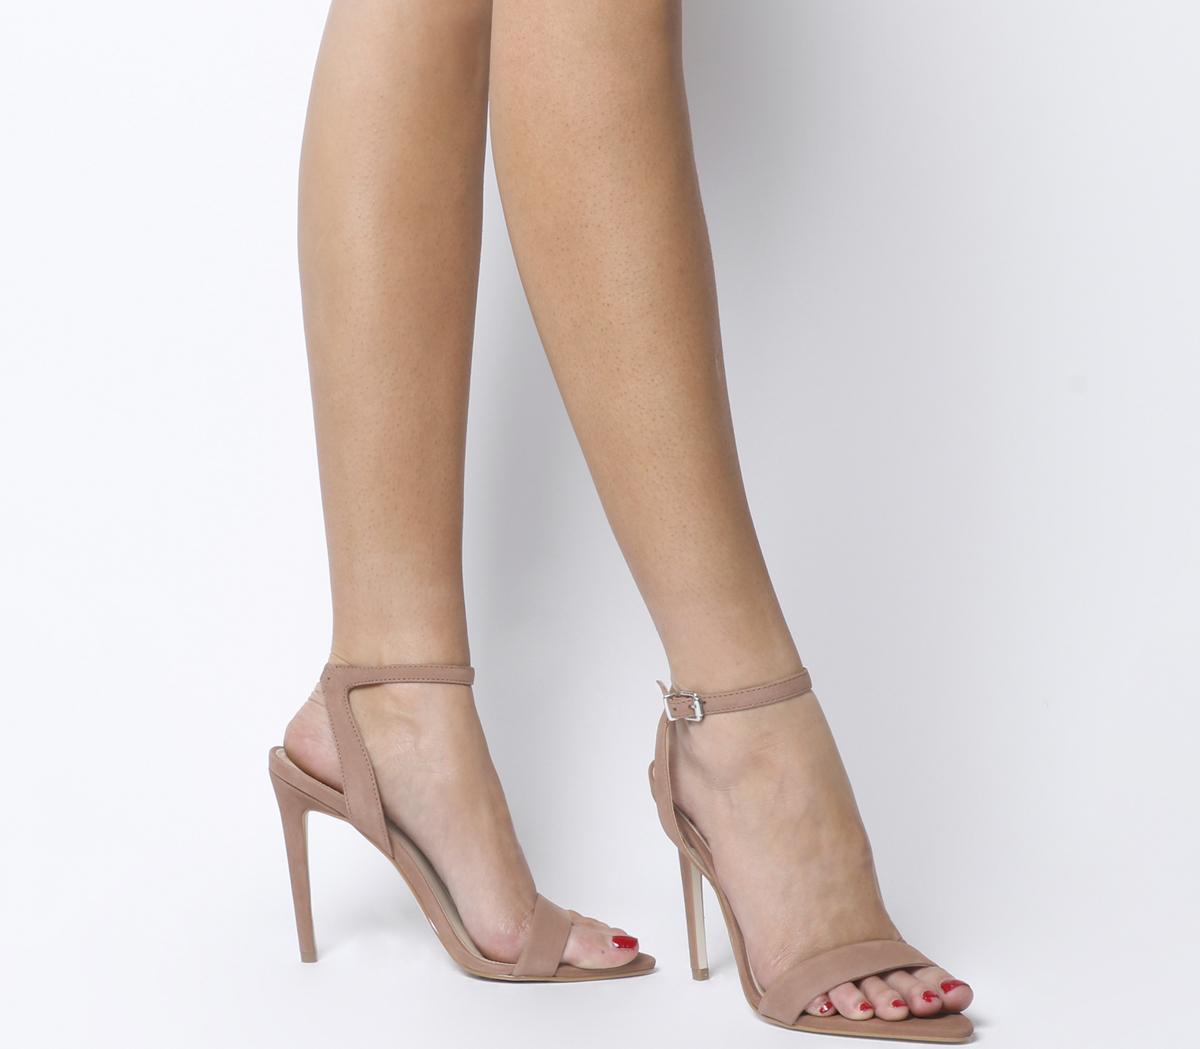 Hemlock Two Part Pointed Sandal Heels